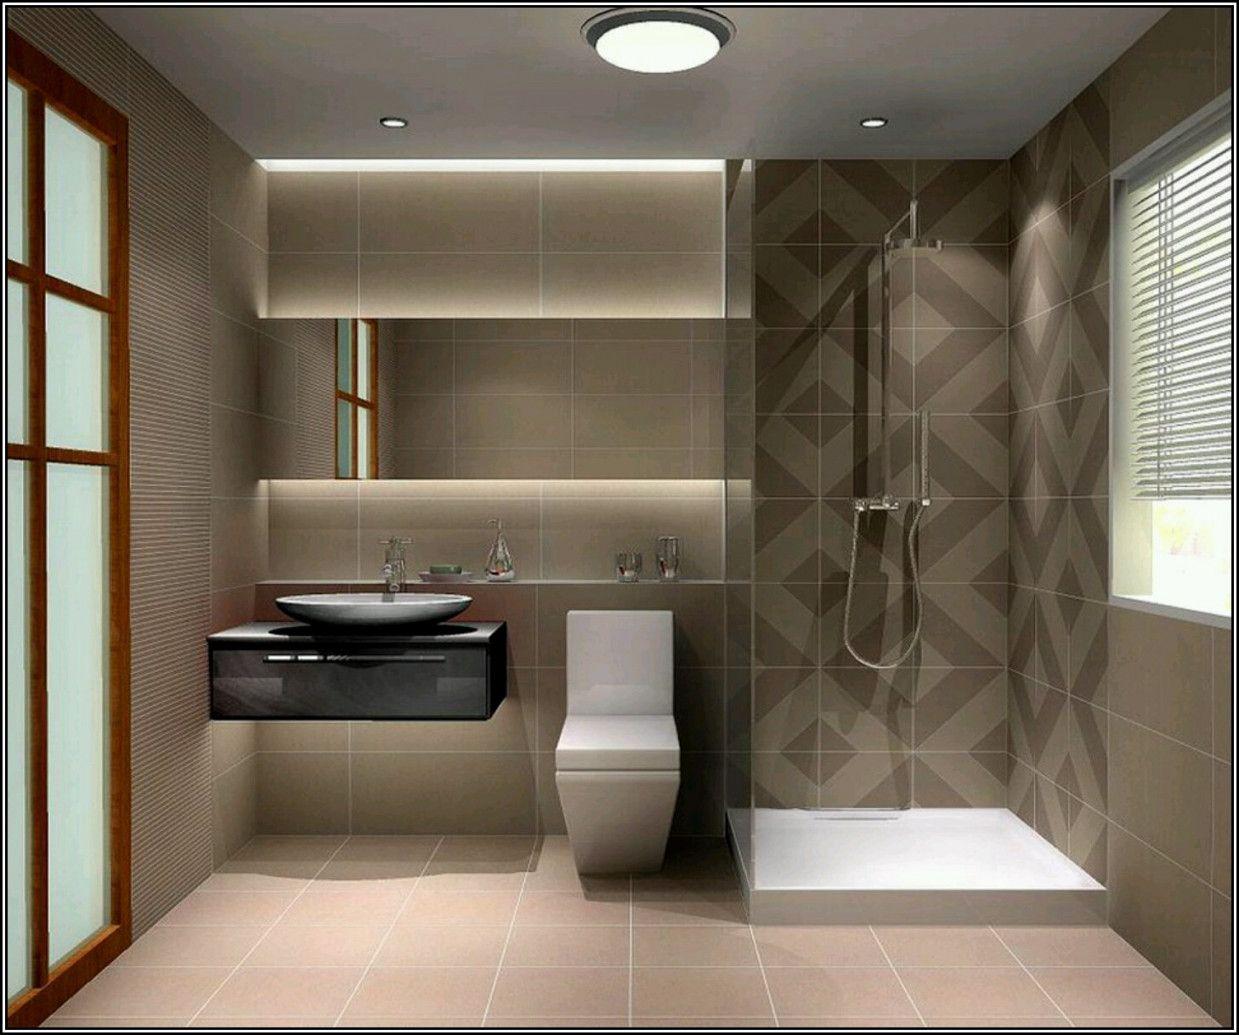 Kleine Räume, Badezimmer Ideen - Kleine Räume-Badezimmer ...